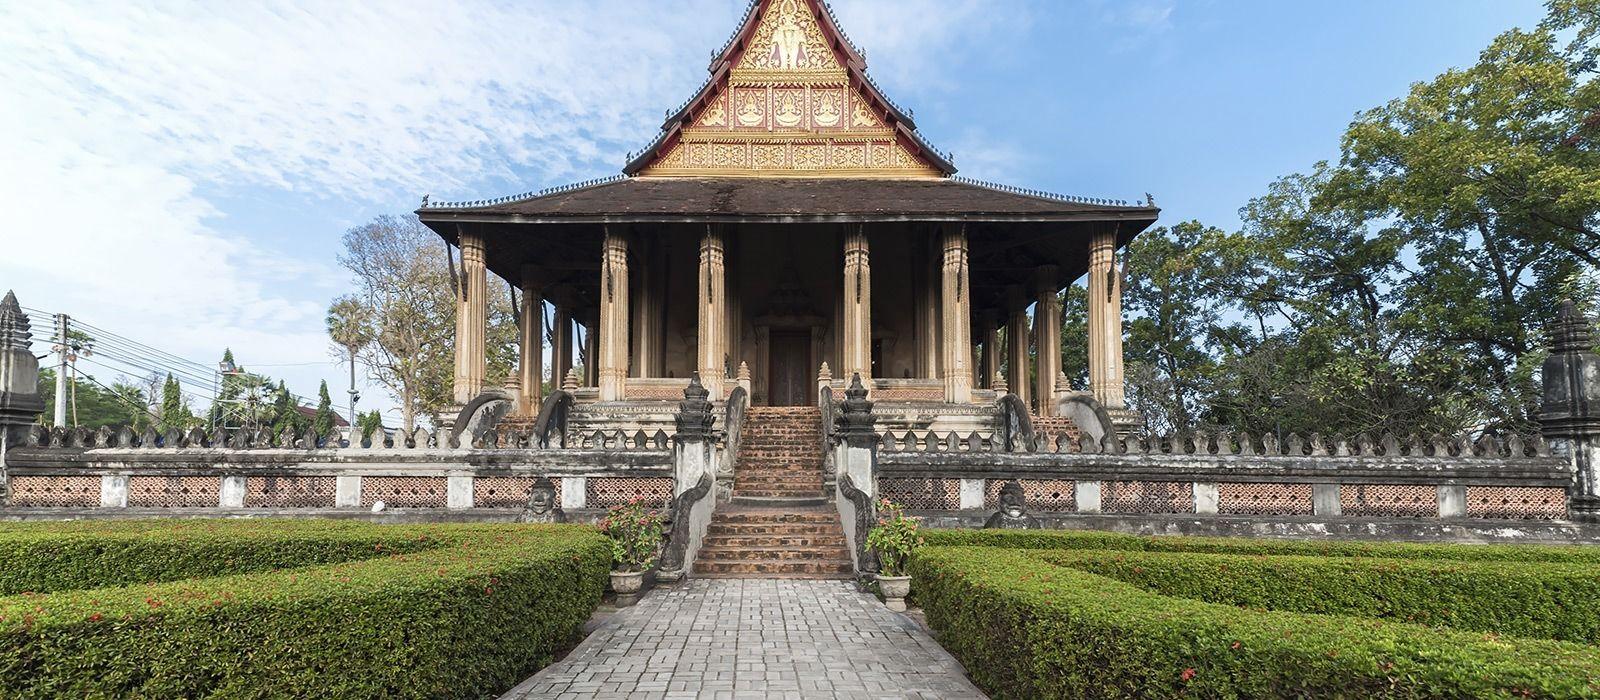 Kultur, Natur und Strände Südostasiens Urlaub 4